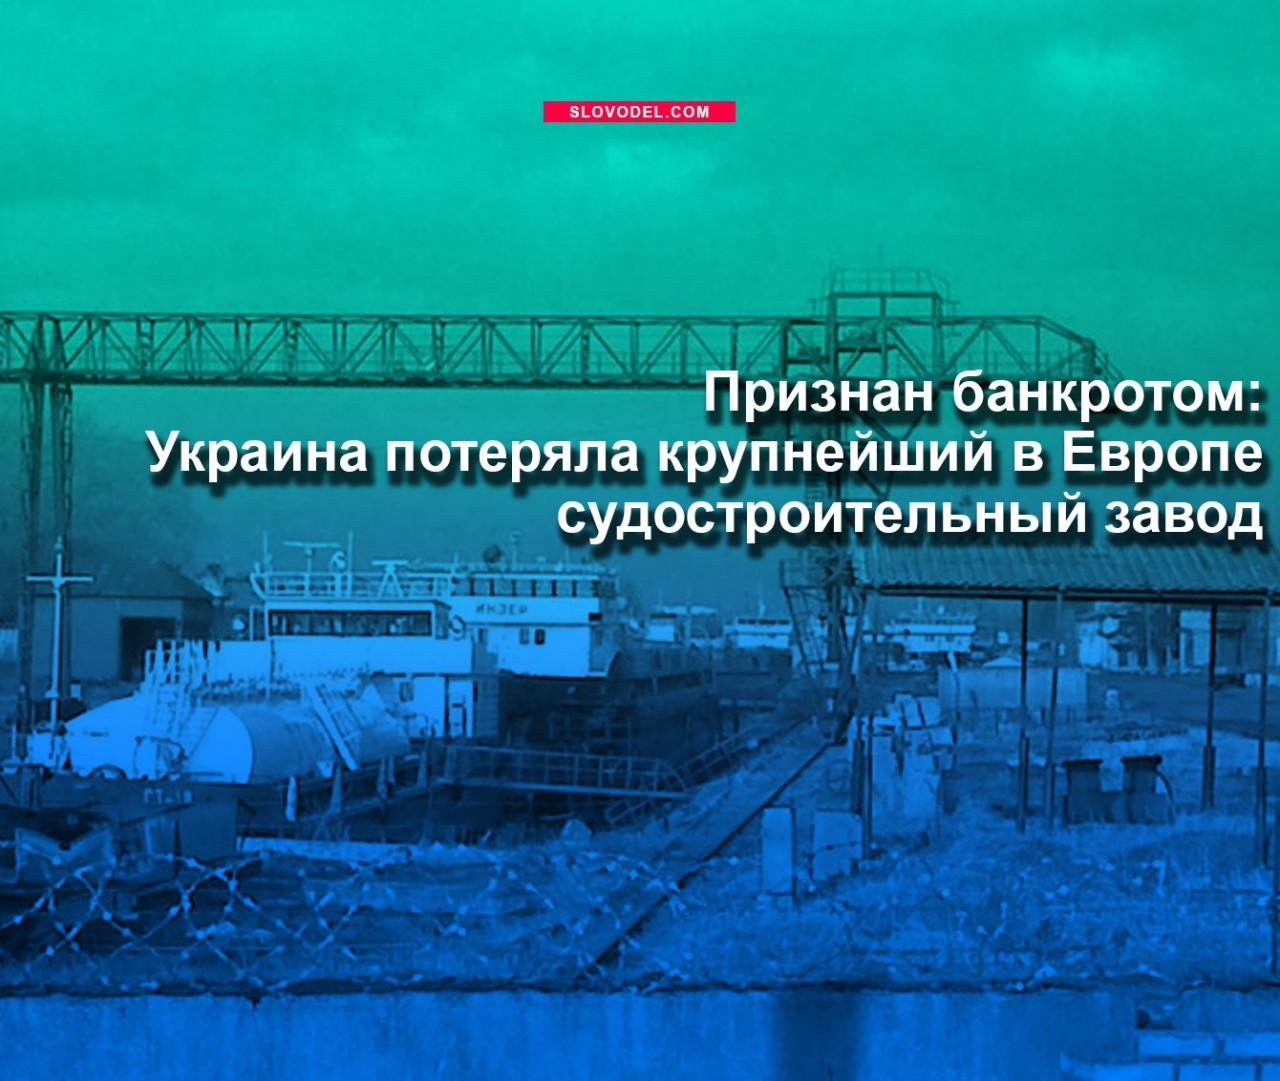 Признан банкротом: Украина потеряла крупнейший в Европе судостроительный завод